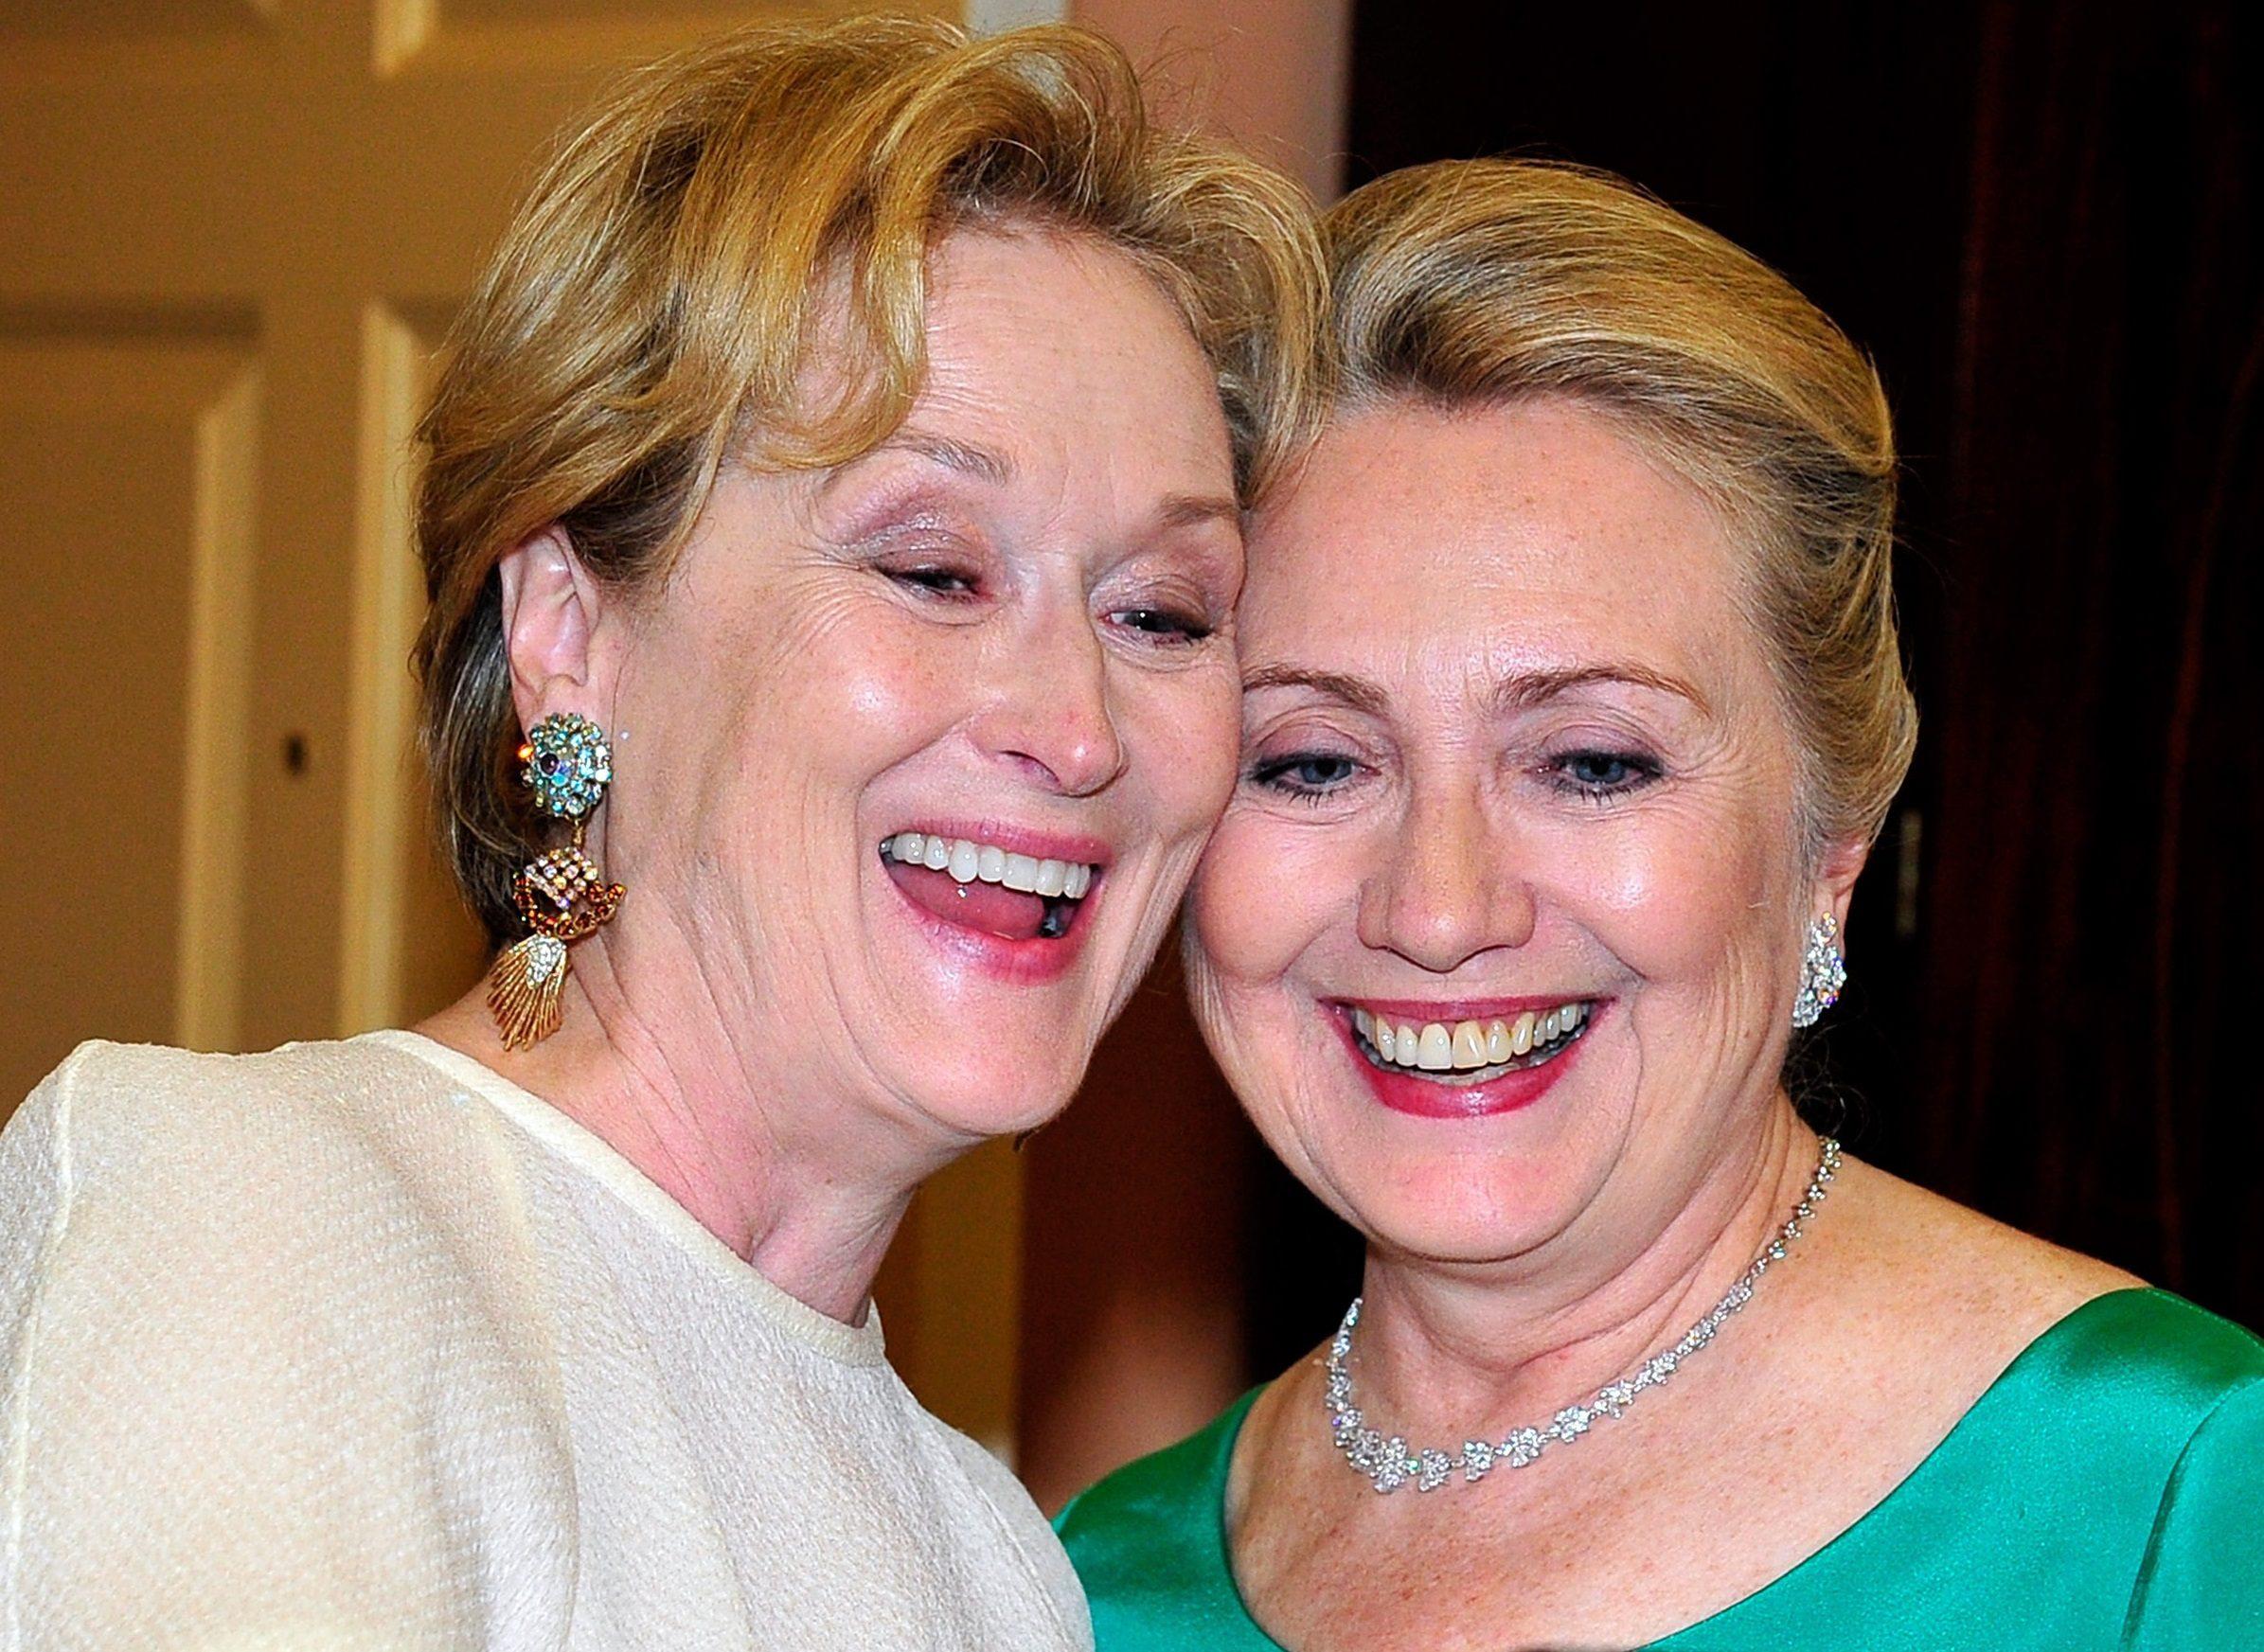 Meryl Streep and Hillary Clinton